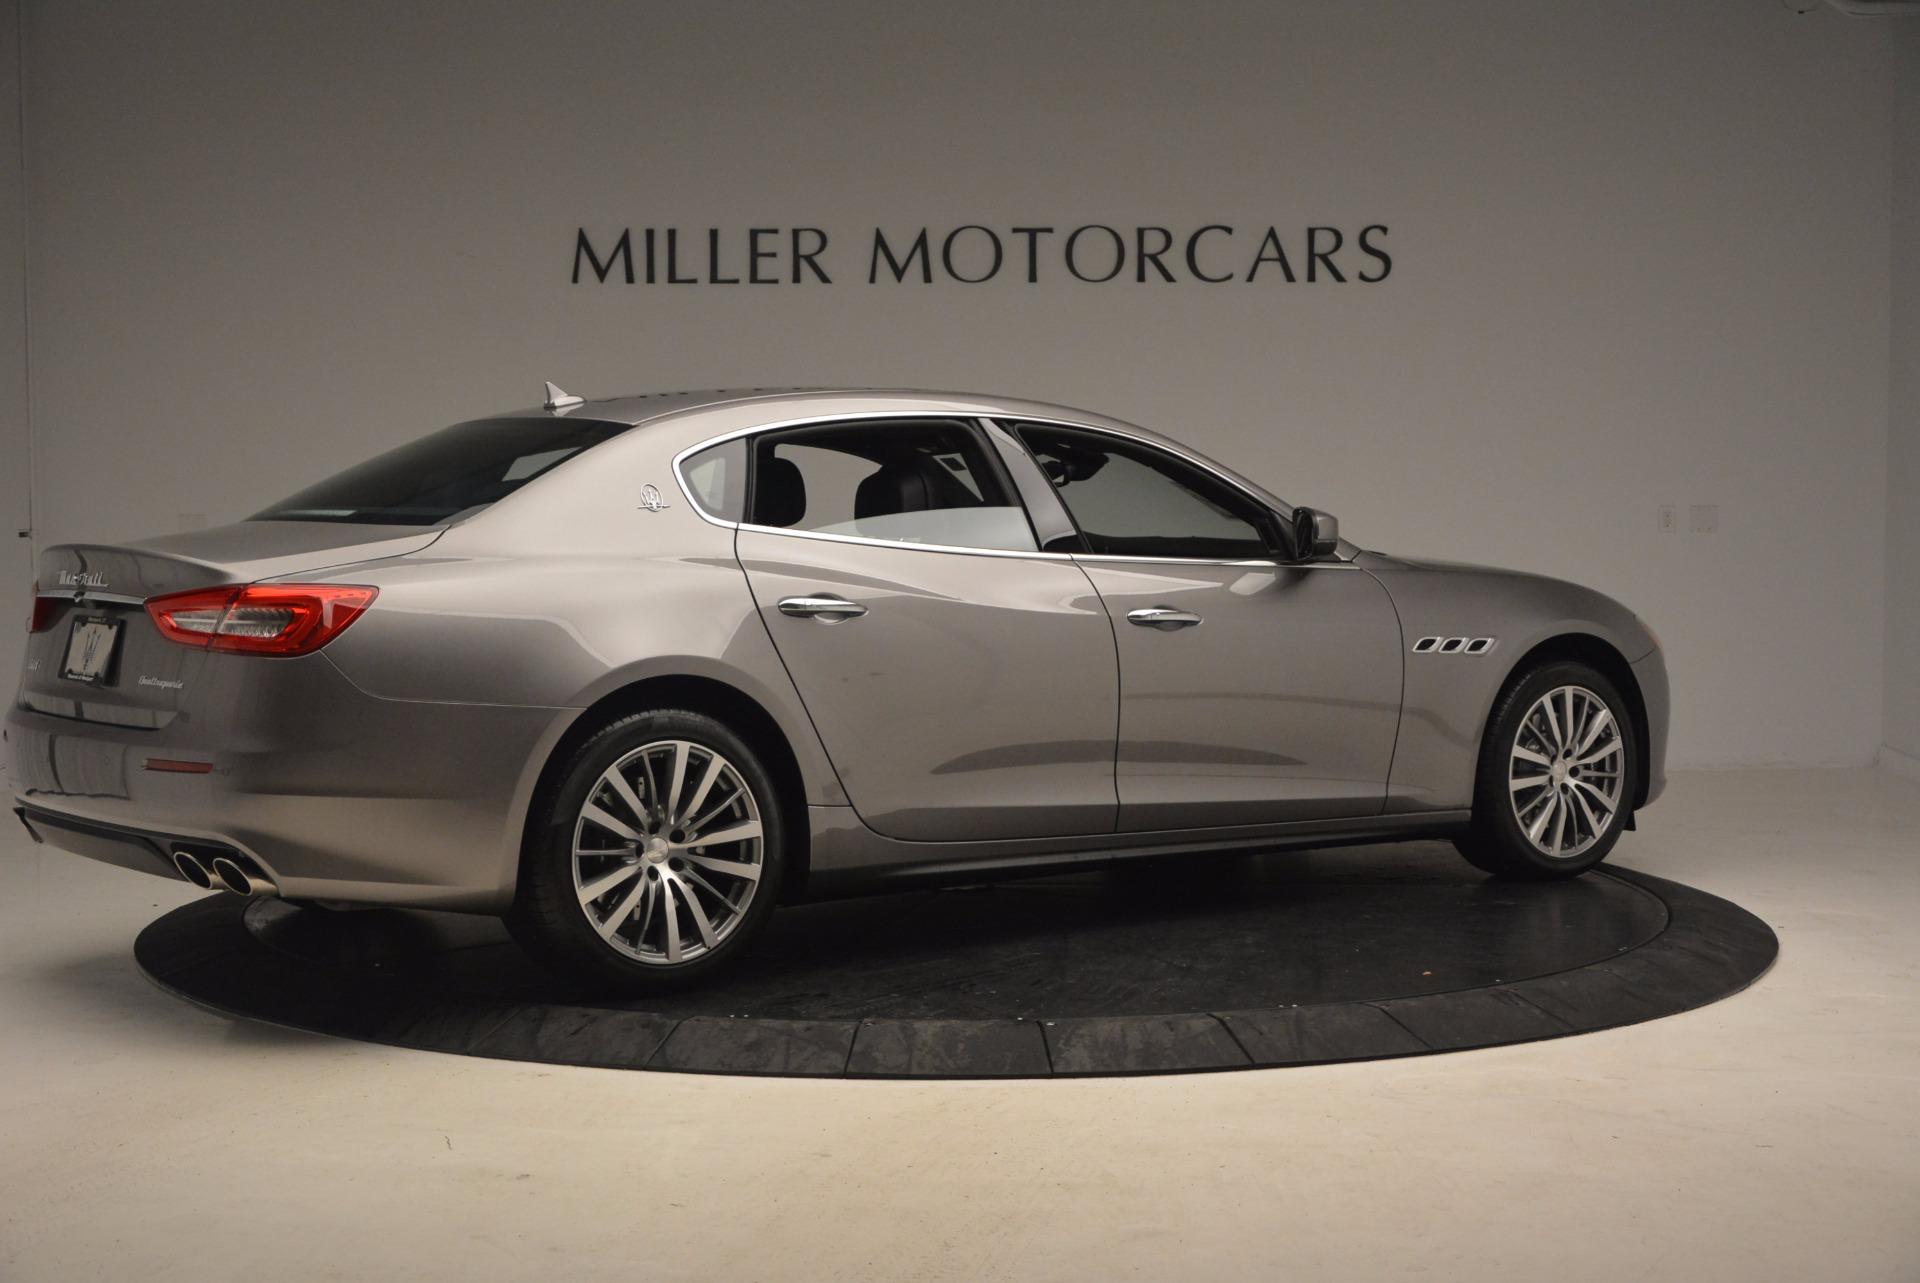 New-2017-Maserati-Quattroporte-SQ4